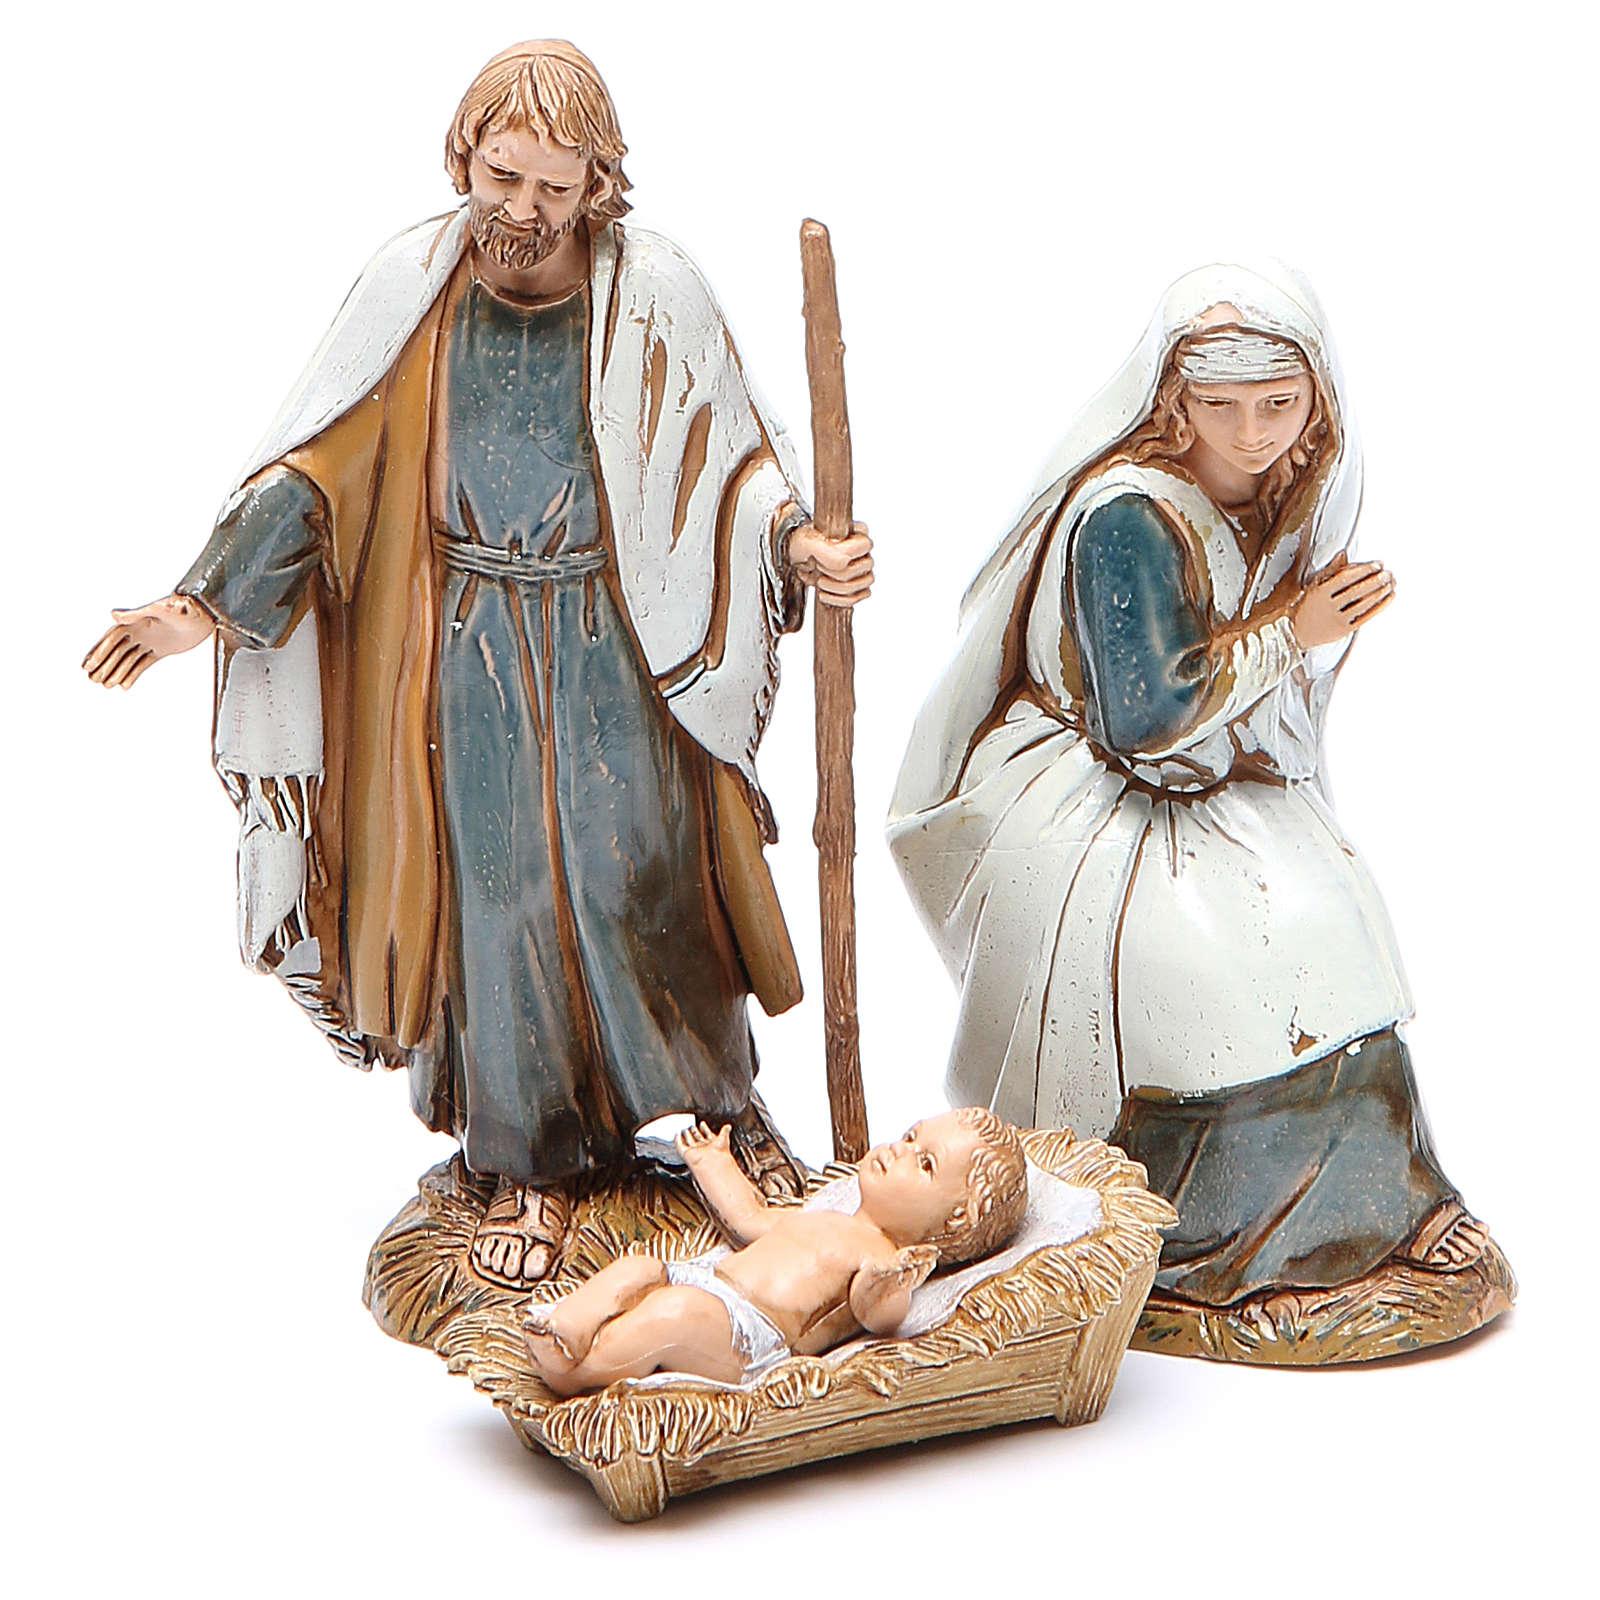 Nativité 10 cm Moranduzzo vêtements historiques 4